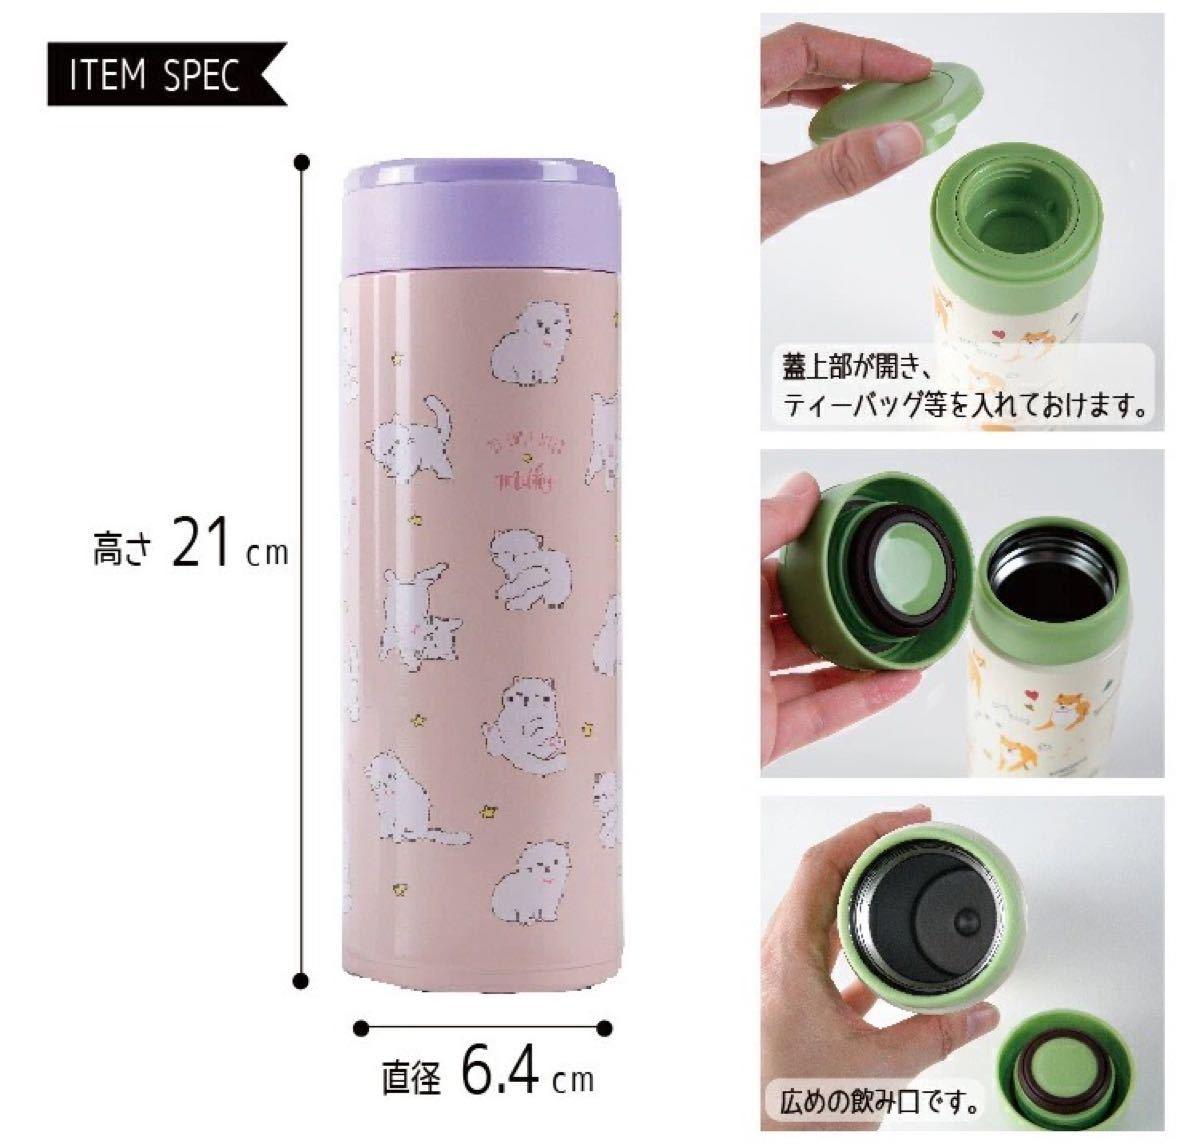 ステンレスボトル 水筒【フレンズヒル ピンク コネコ】